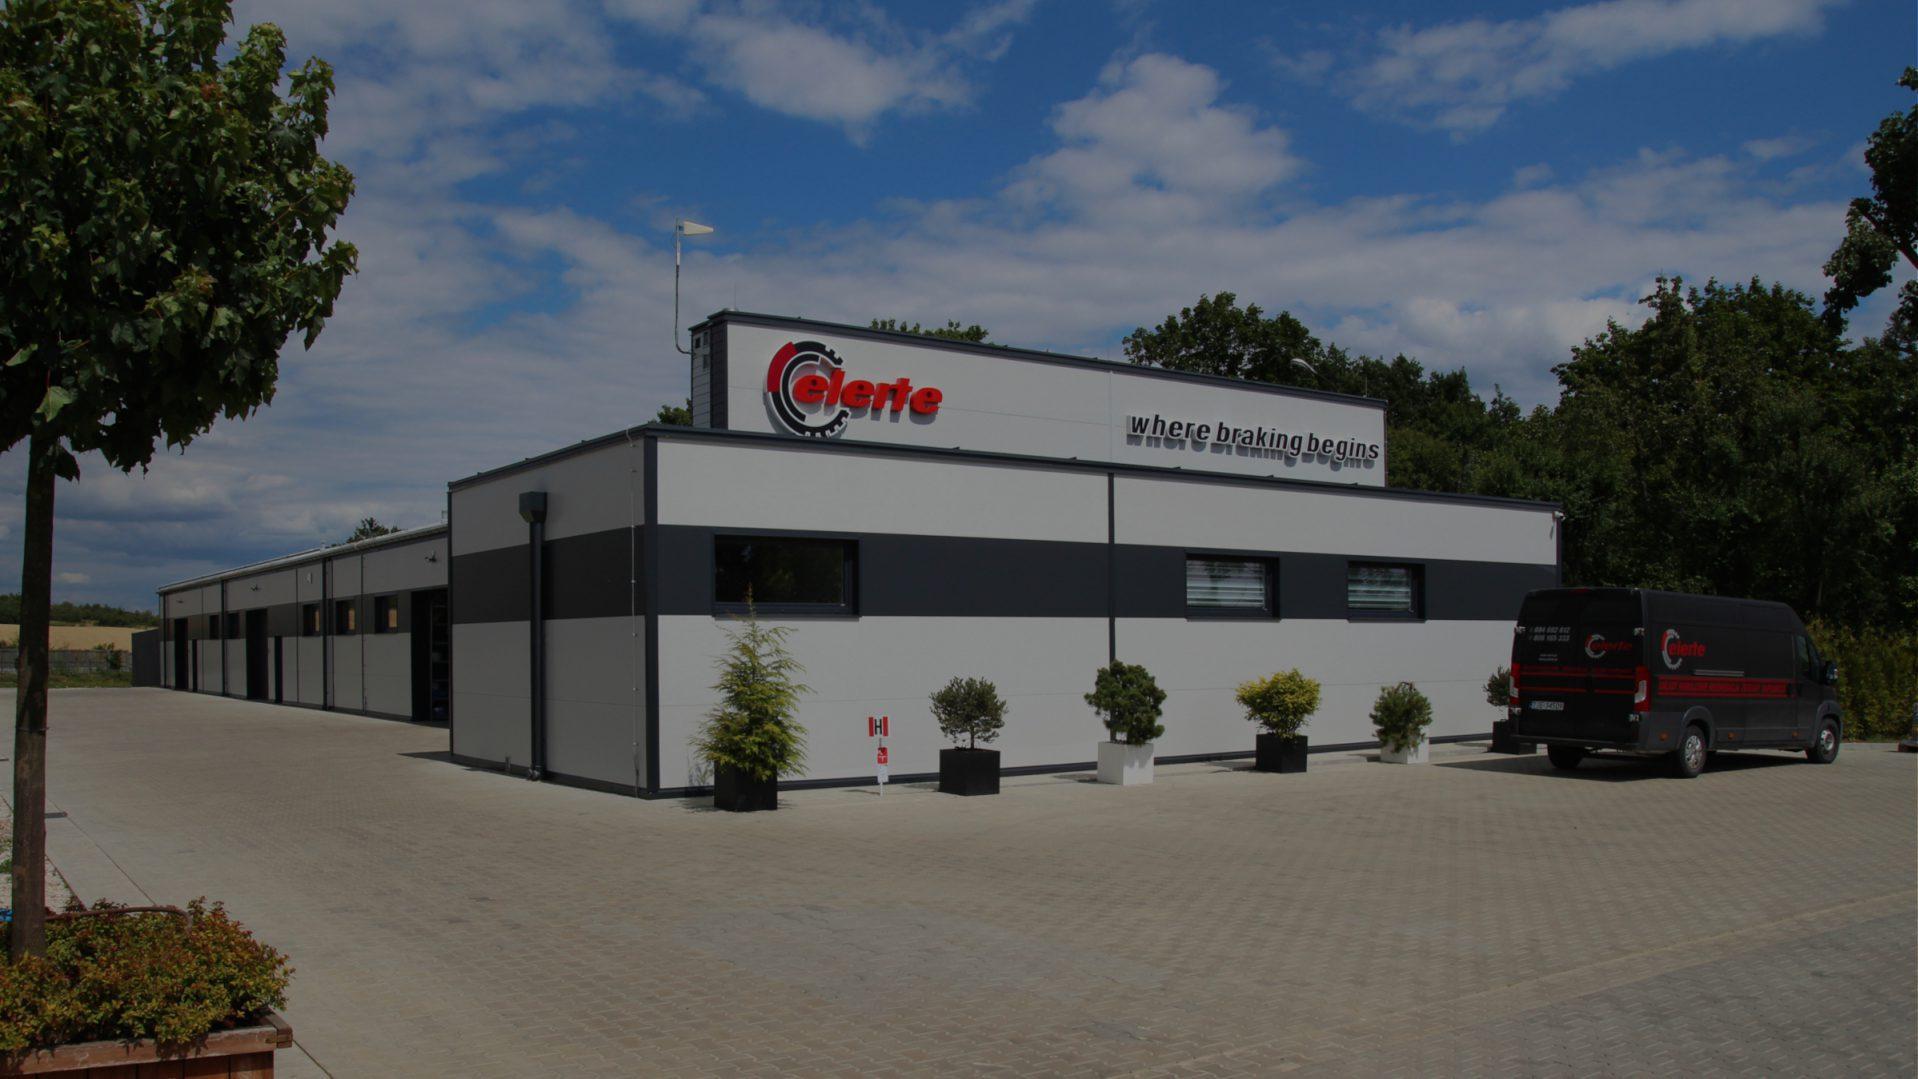 ELERTE Poland